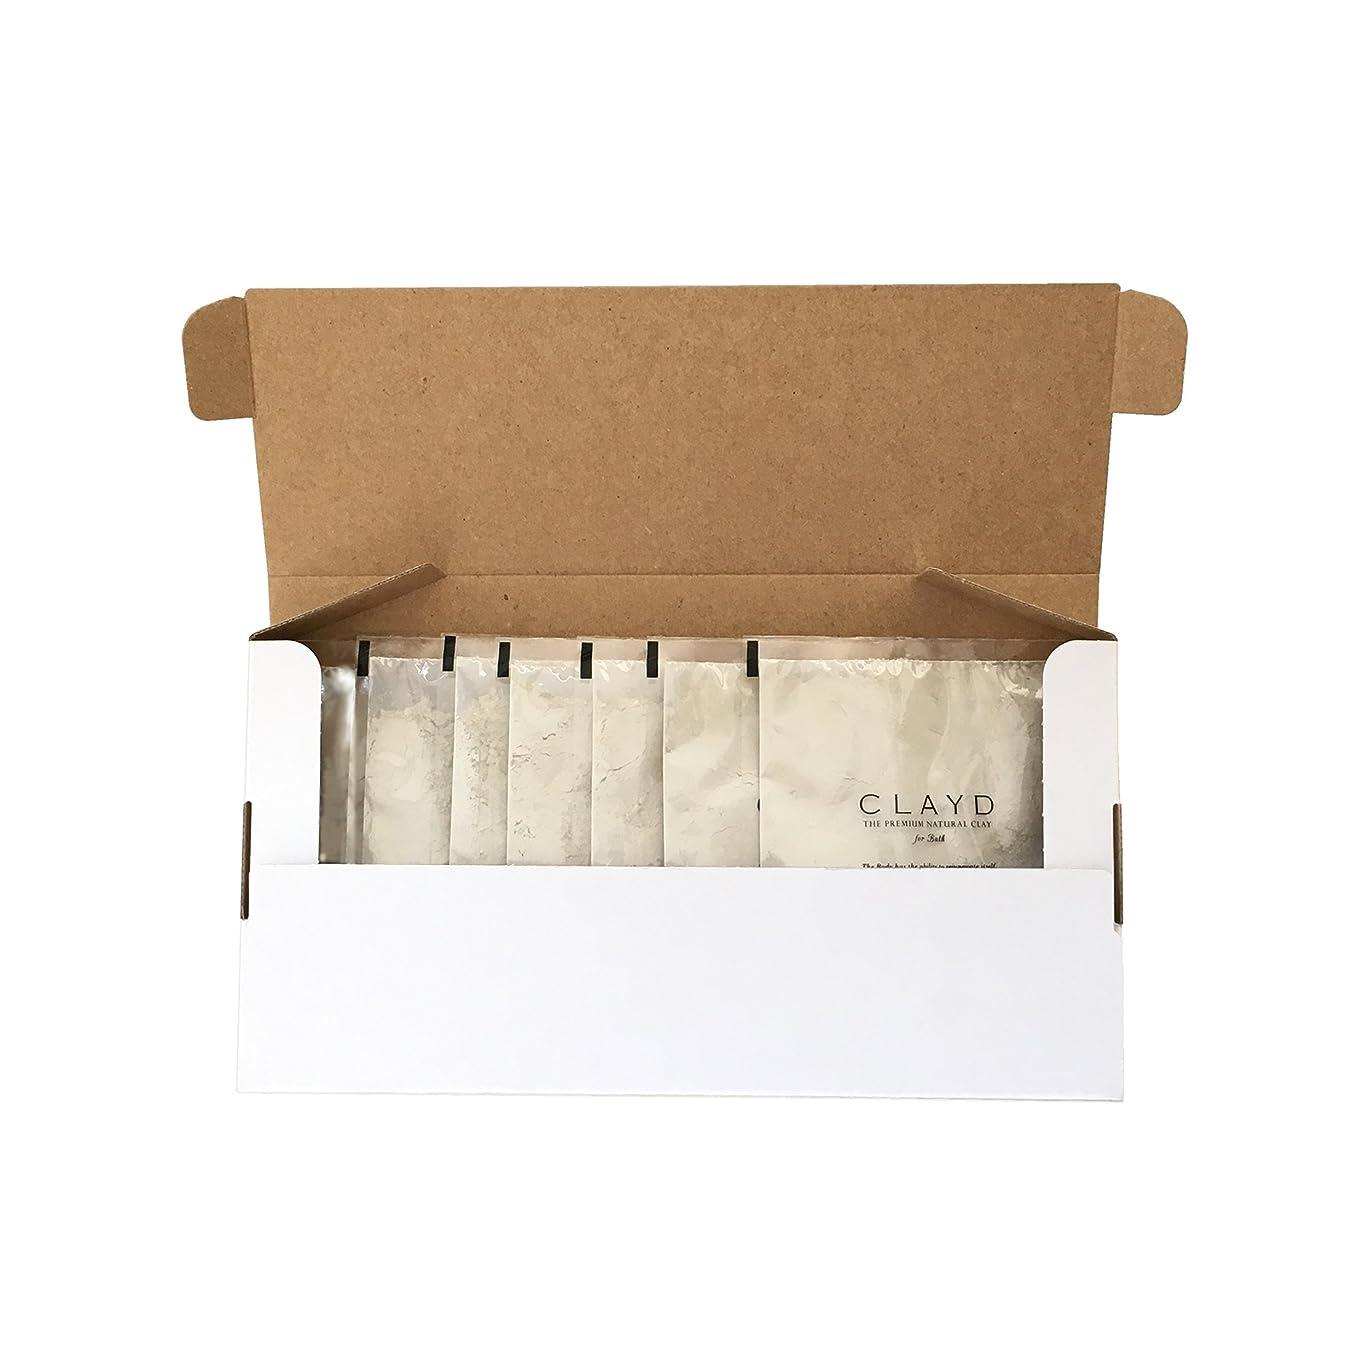 メイトリス比べるCLAYD for Bath(クレイドフォーバス)ONE WEEK TRIAL(30g×7袋)